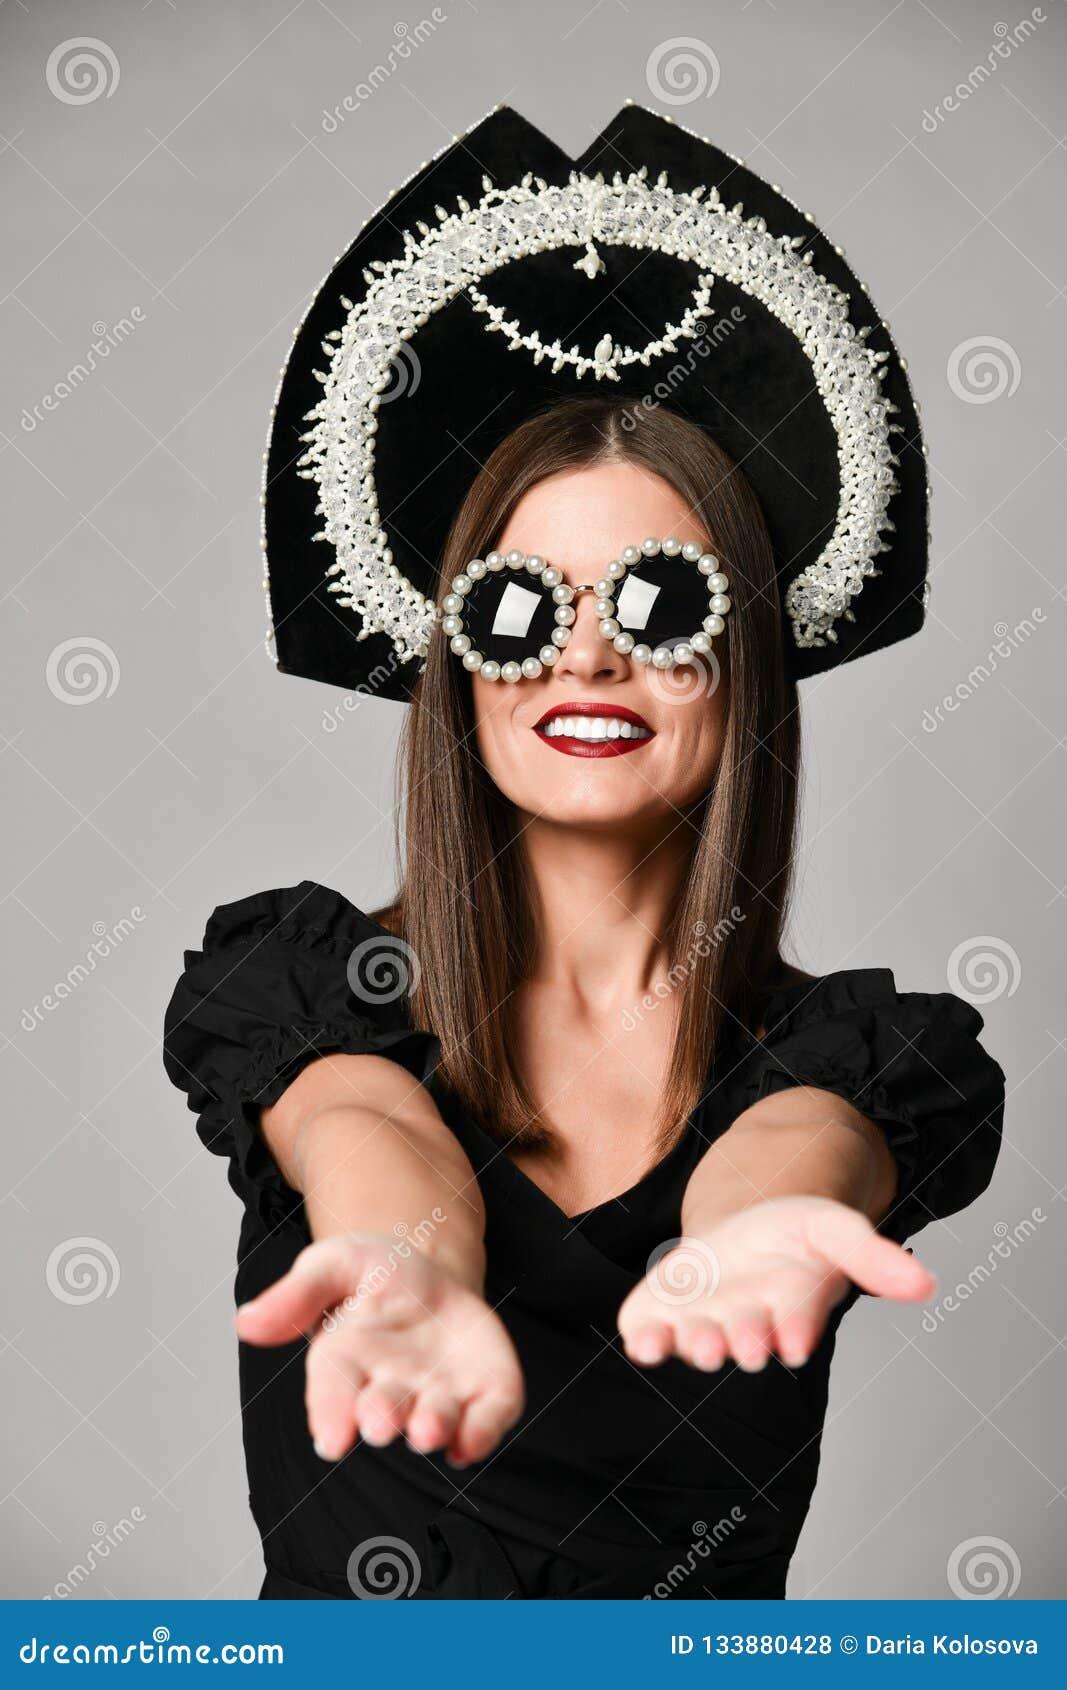 Élégance et type Portrait de studio de jeune femme magnifique dans peu de robe noire posant sur le fond gris